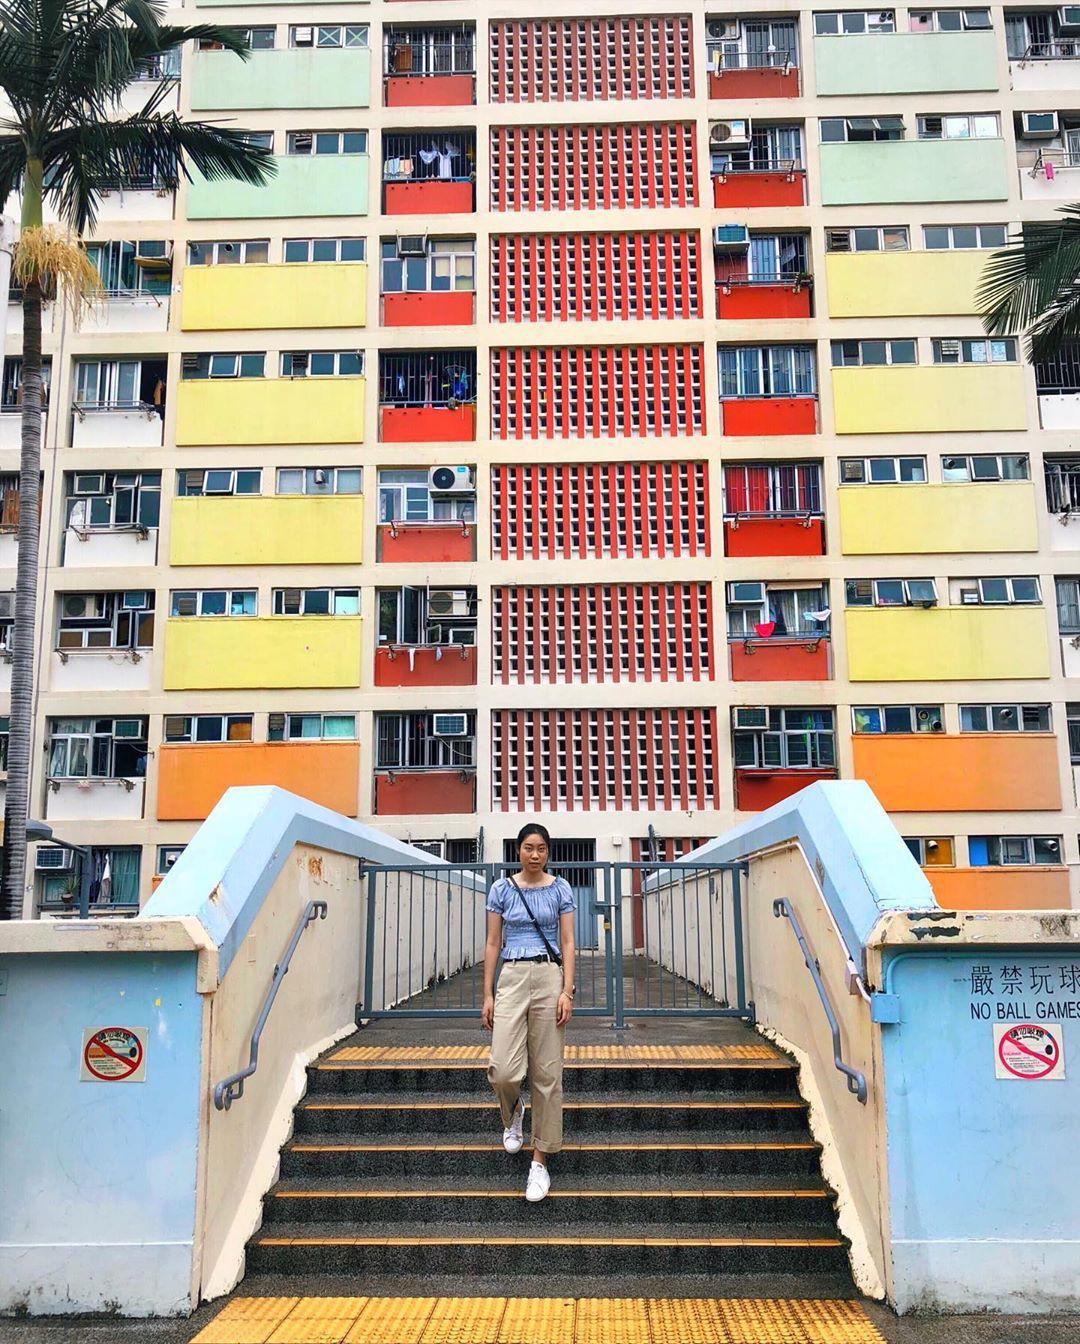 Bỏ túi ngay 8 điểm 'sống ảo' nổi tiếng ở Hong Kong, vị trí thứ 2 hot đến nỗi còn lọt vào top được check-in nhiều nhất trên Instagram! - Ảnh 10.